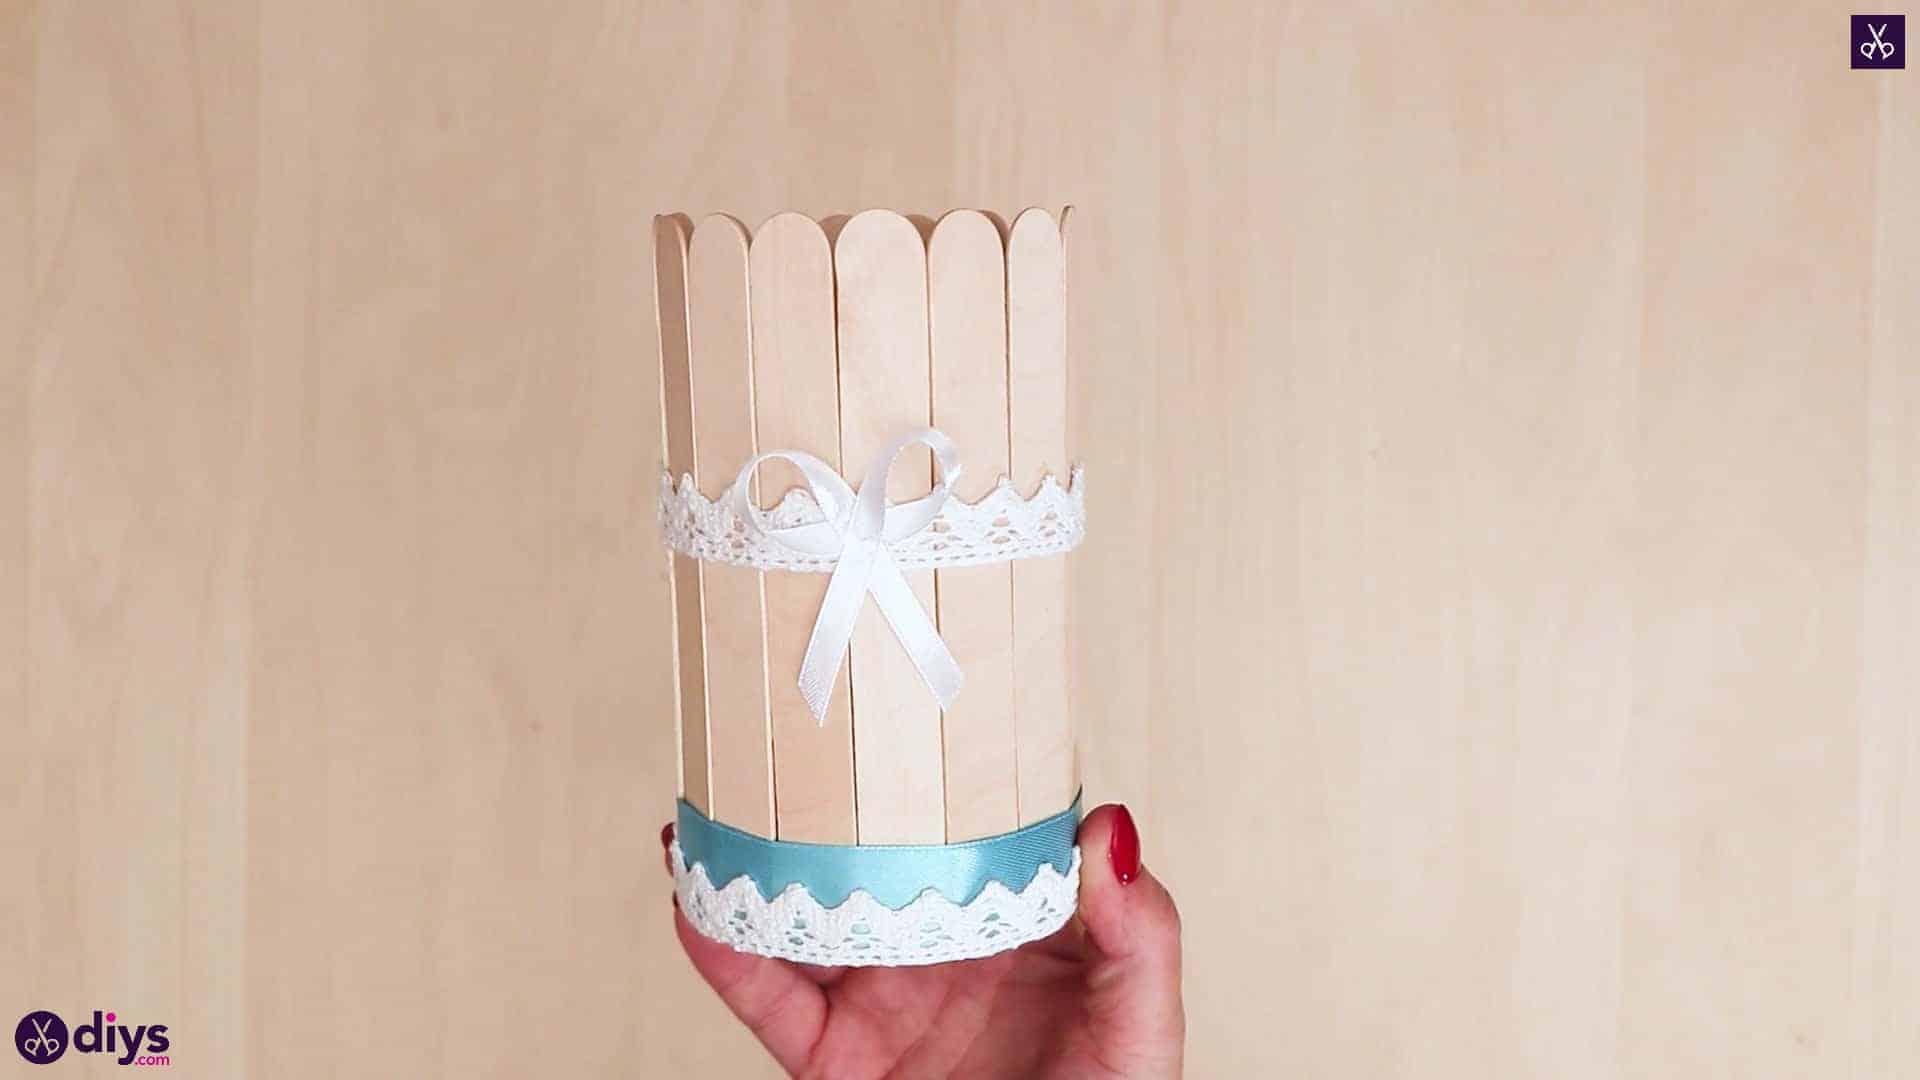 ظرف قلع پوشیده از ظروف چوبی بستنی زیبا